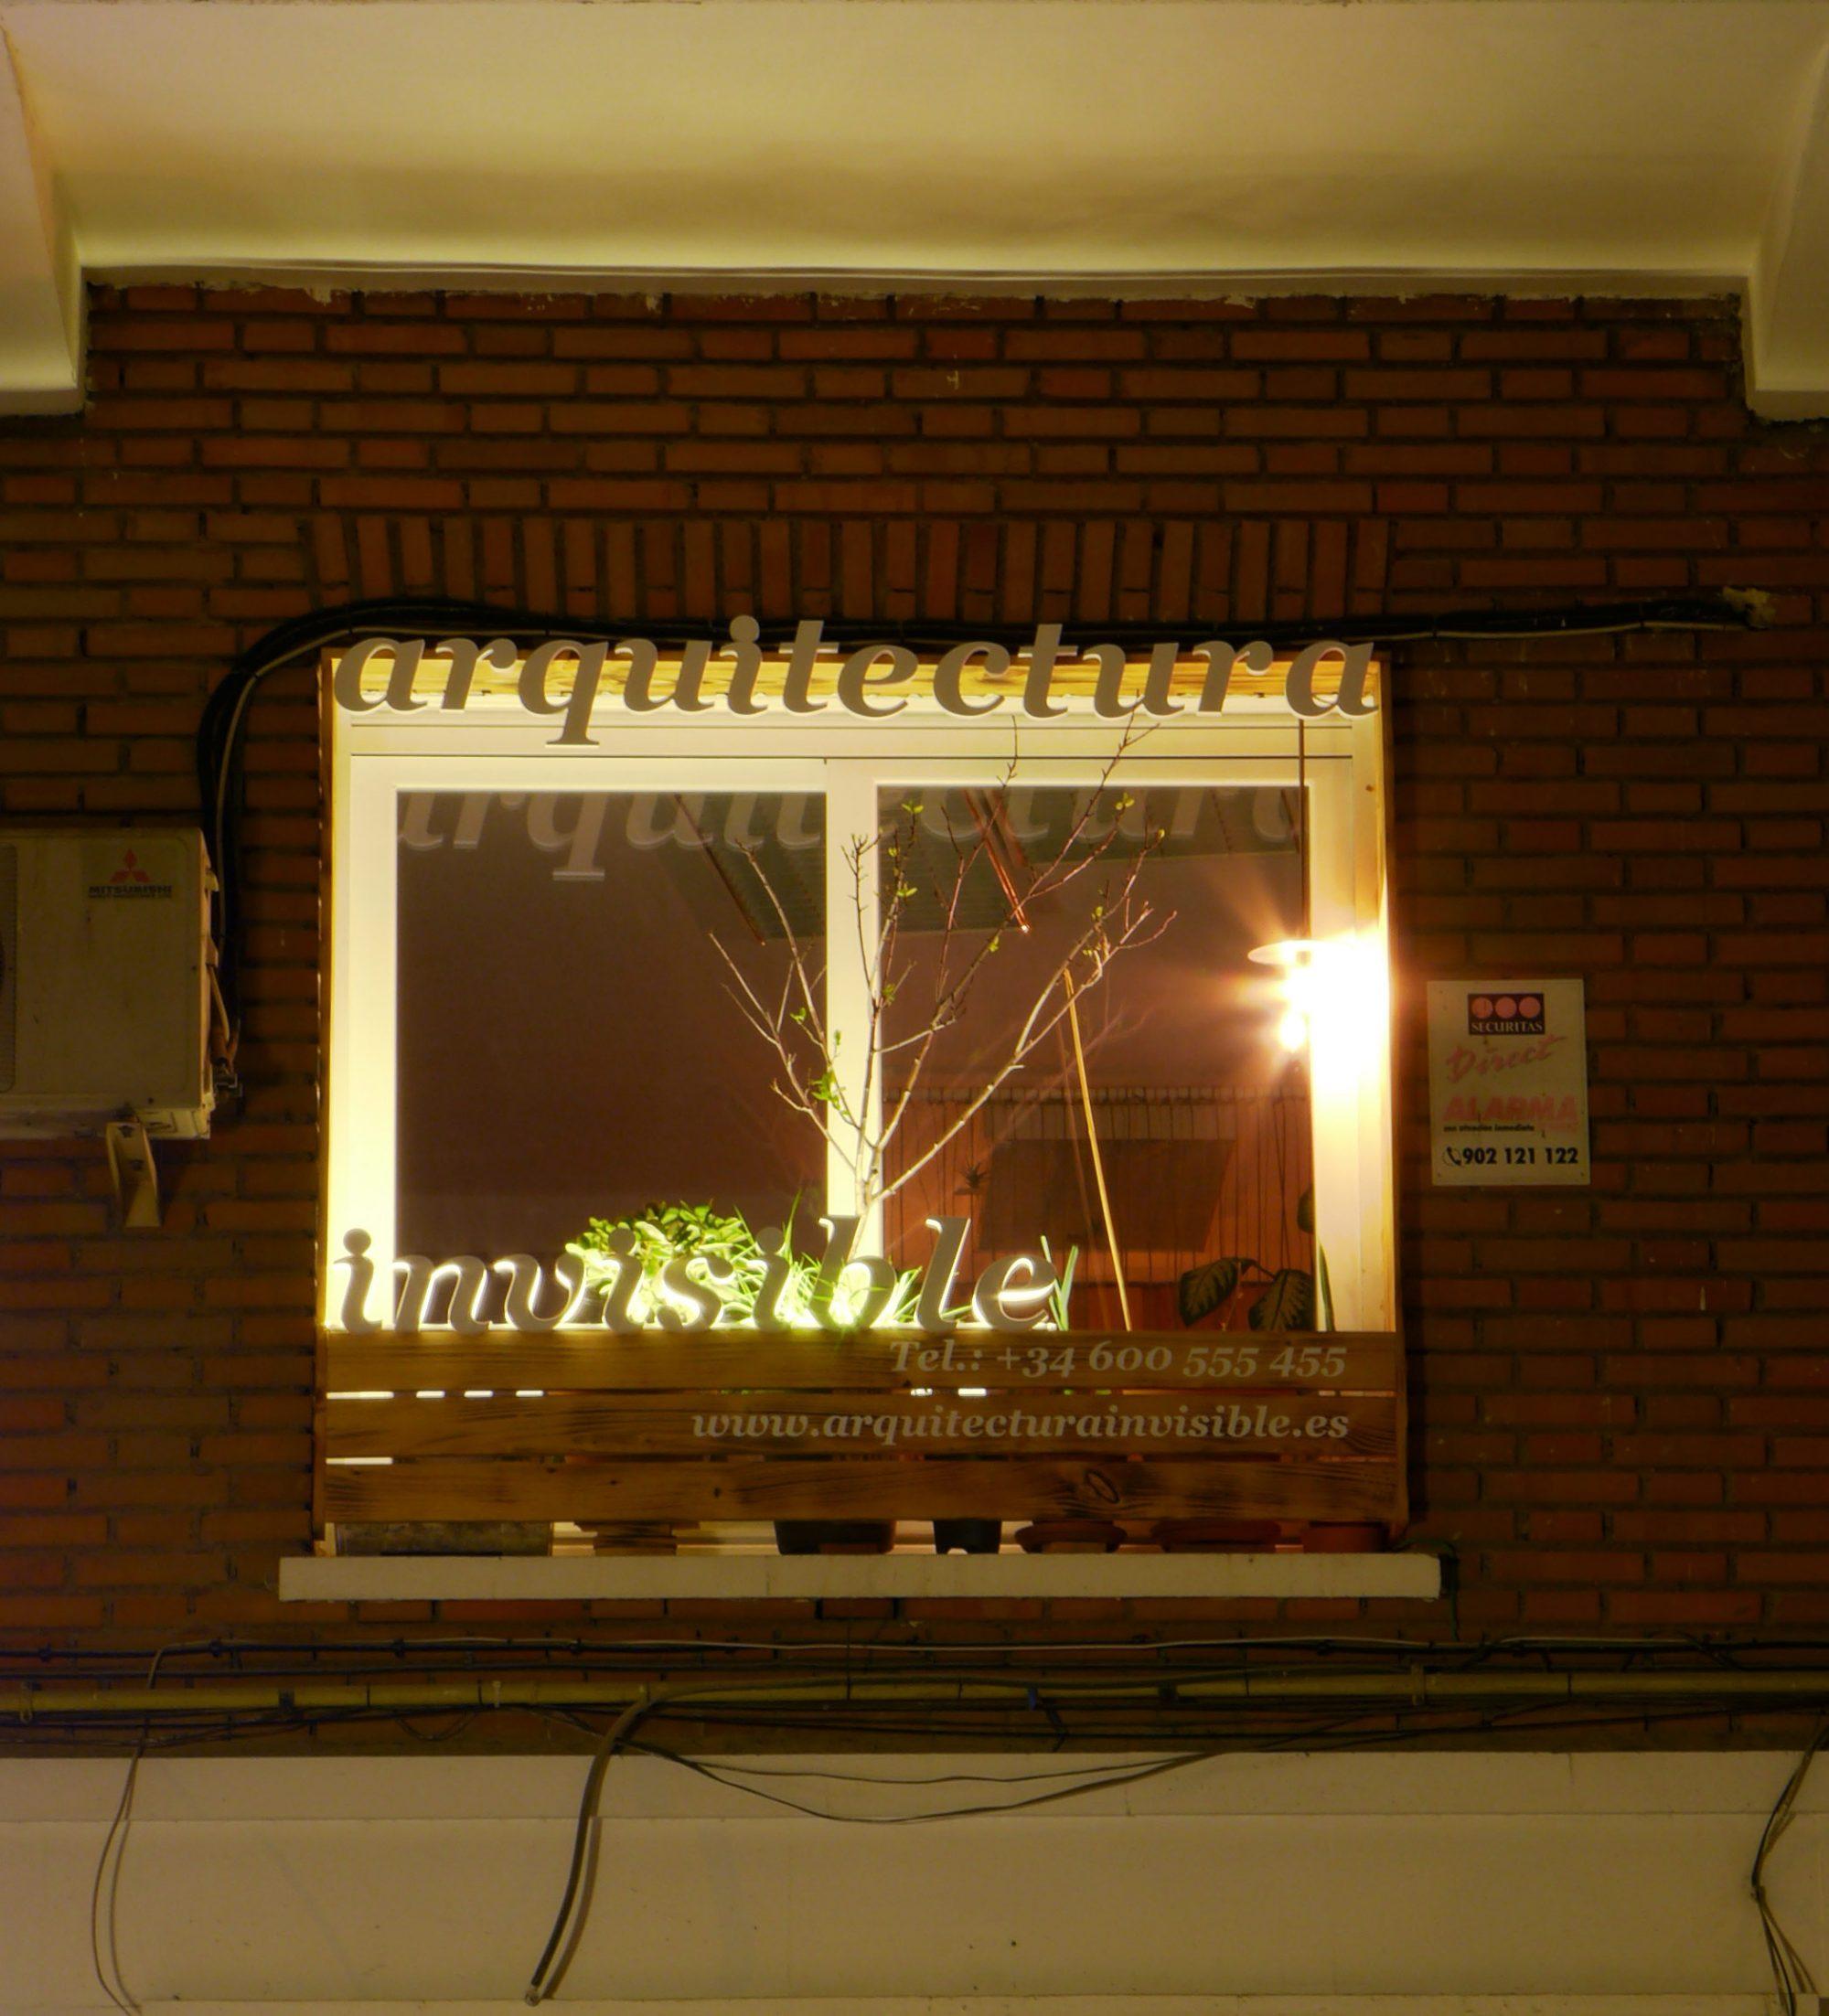 Arquitectura invisible y arquitectura bioclim tica - Arquitectura invisible ...